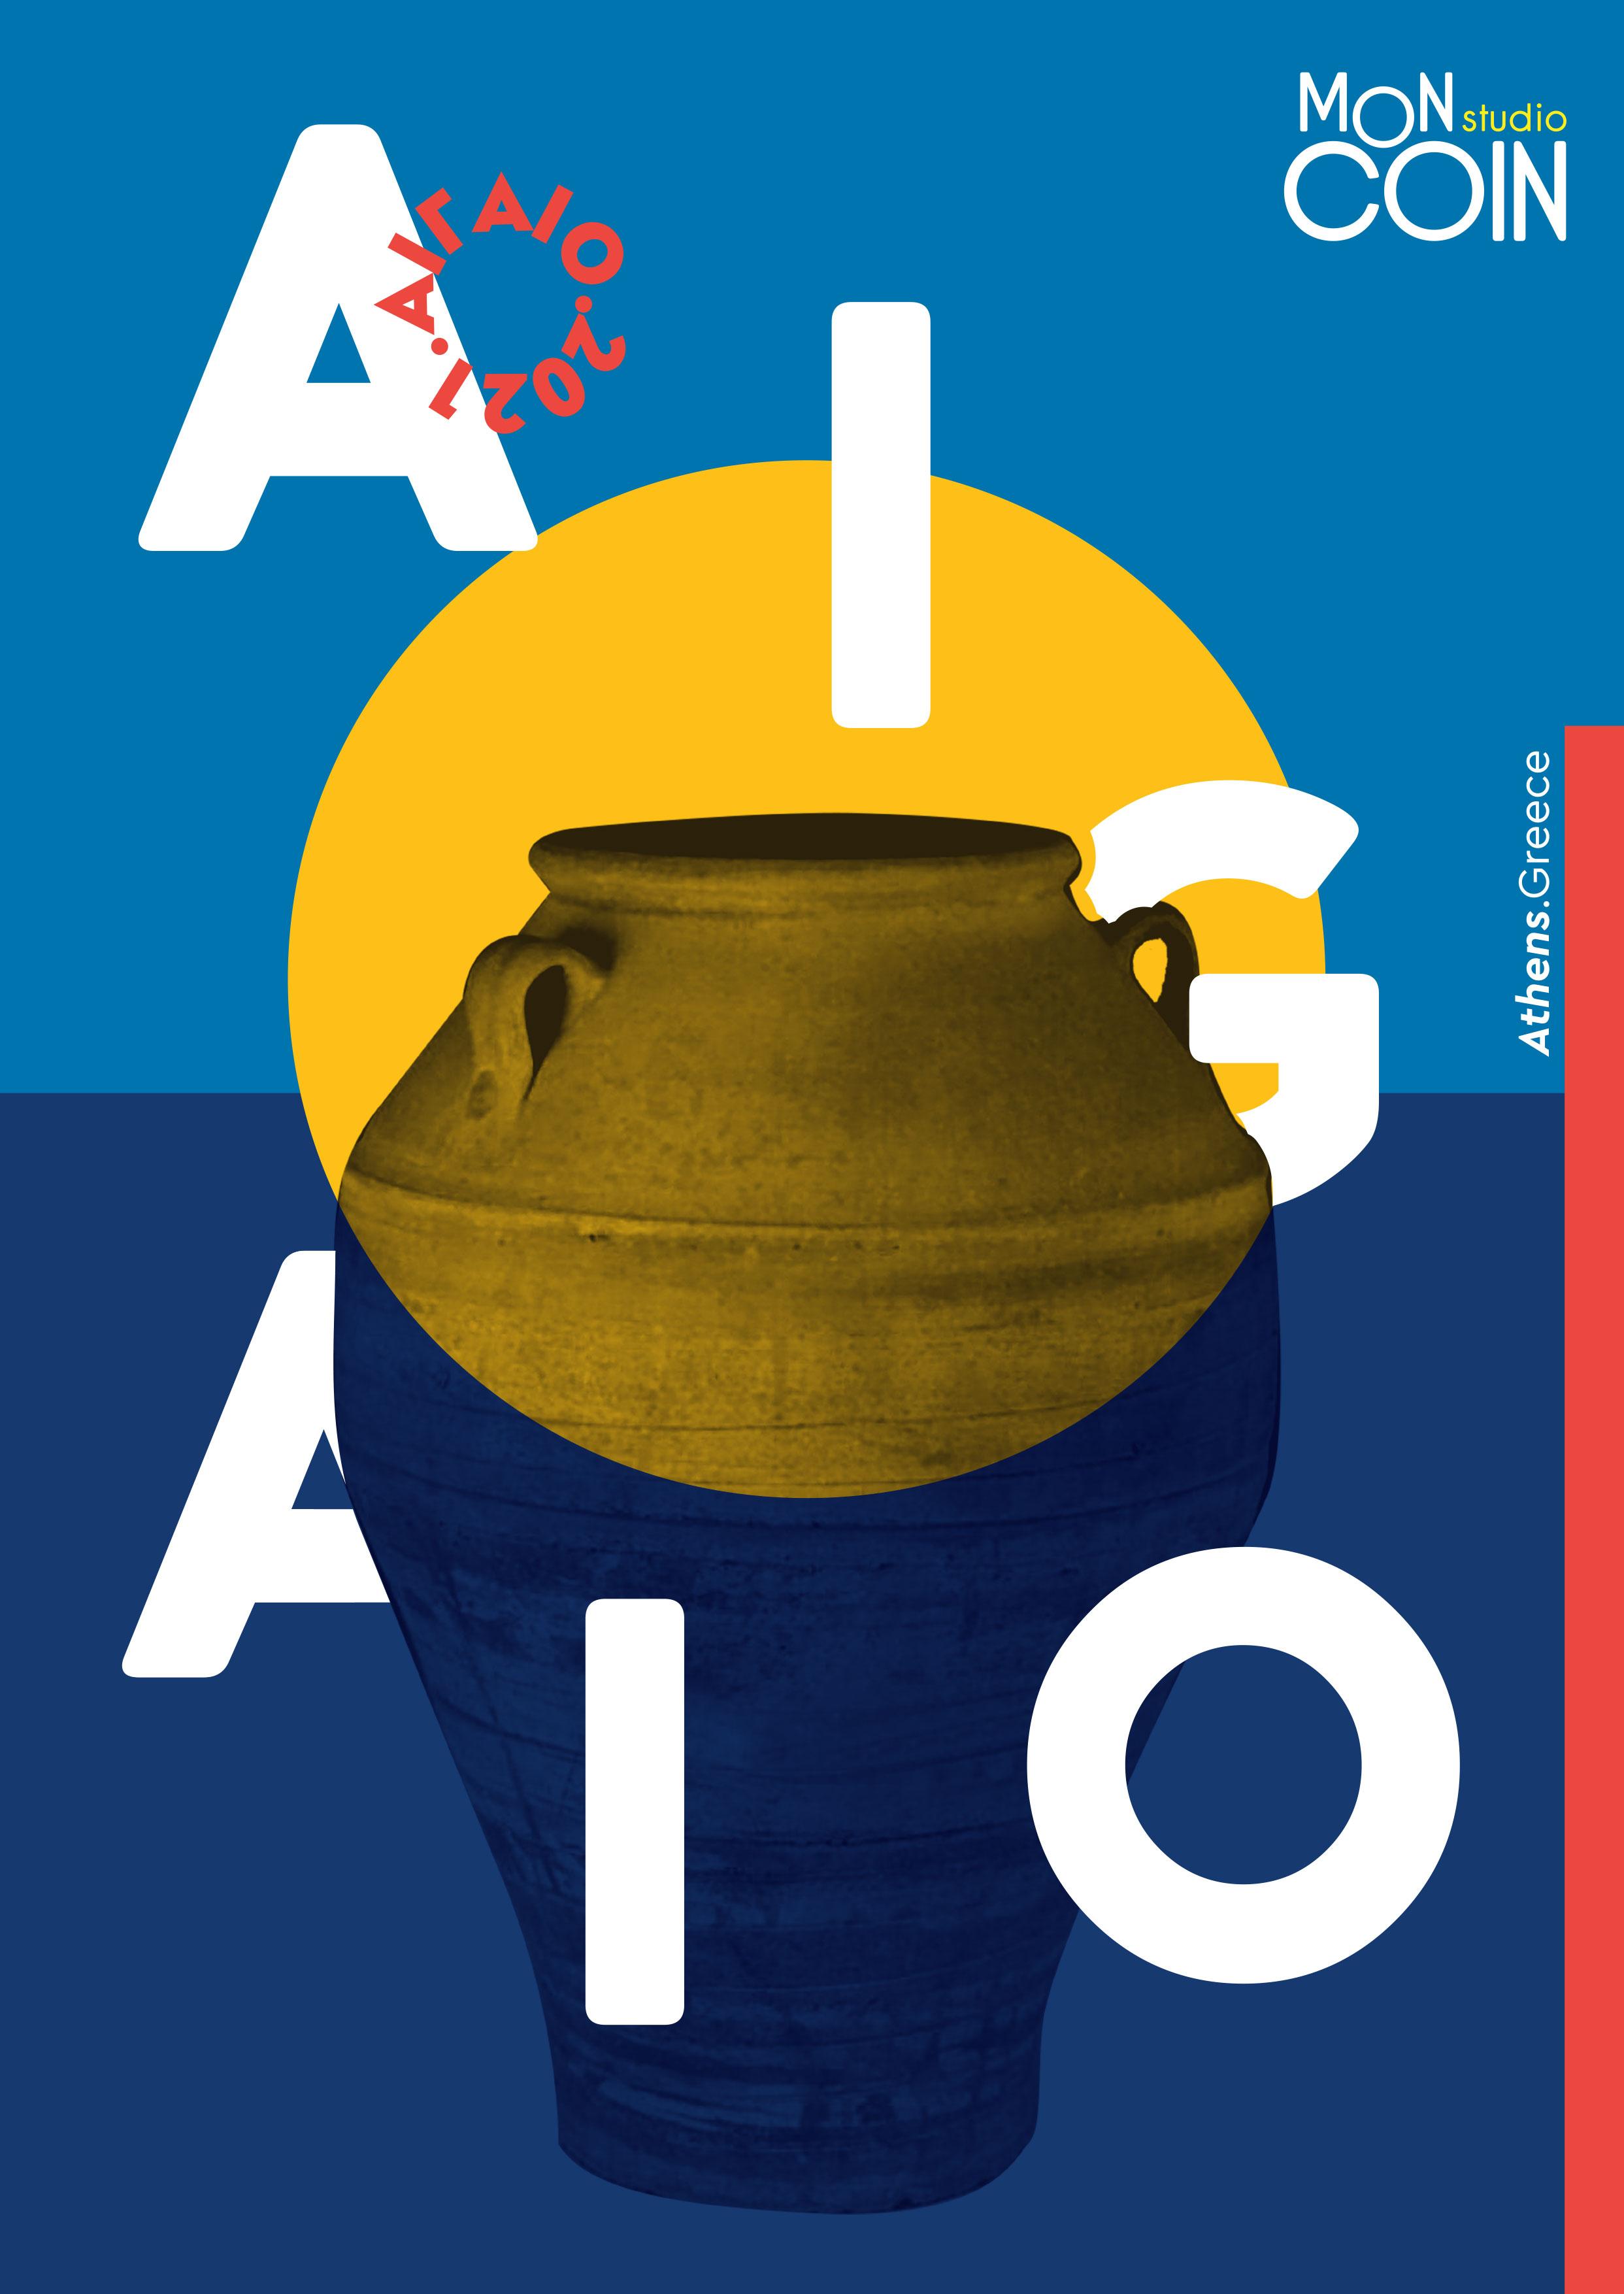 AIGAIO Poster. Courtesy Mon Coin Studio.